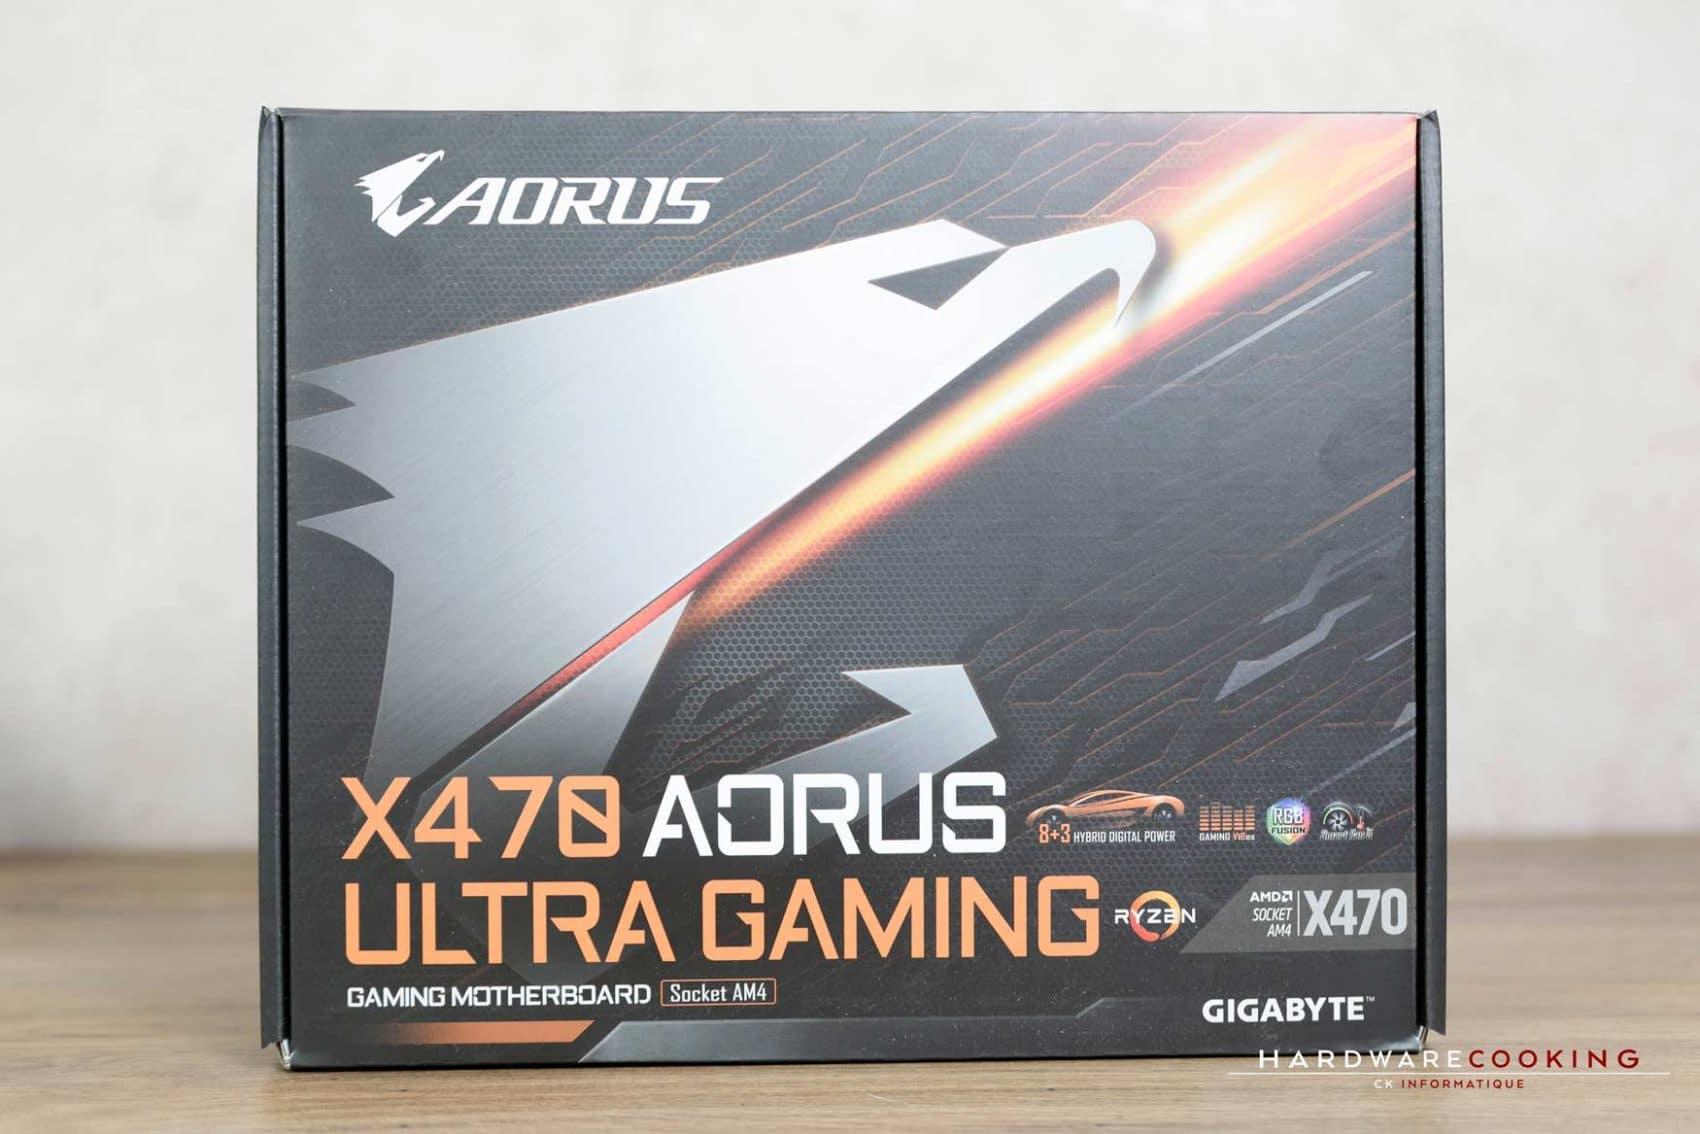 Test : X470 AORUS ULTRA GAMING - HardwareCooking